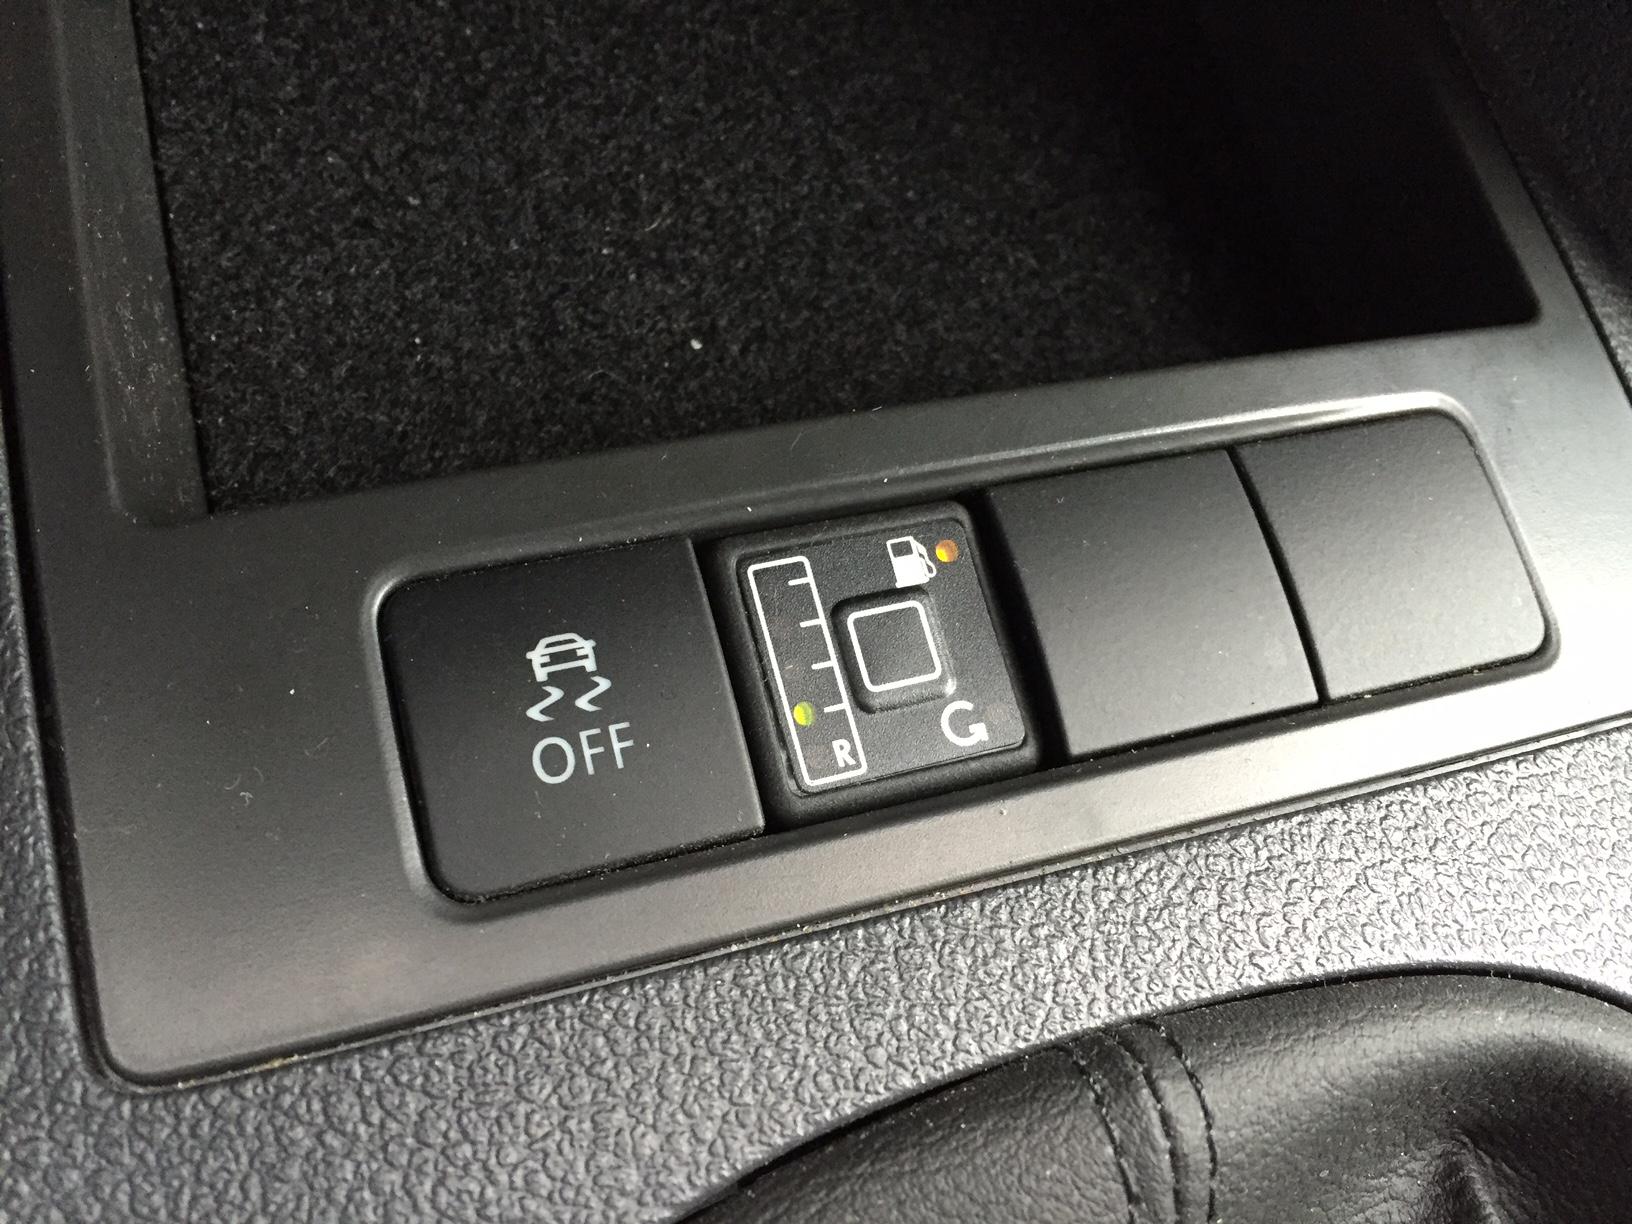 autogas_umruesstung-auf-lpg-autogas-vw-caddy-tsi-direkteinspritzer-tankuhr